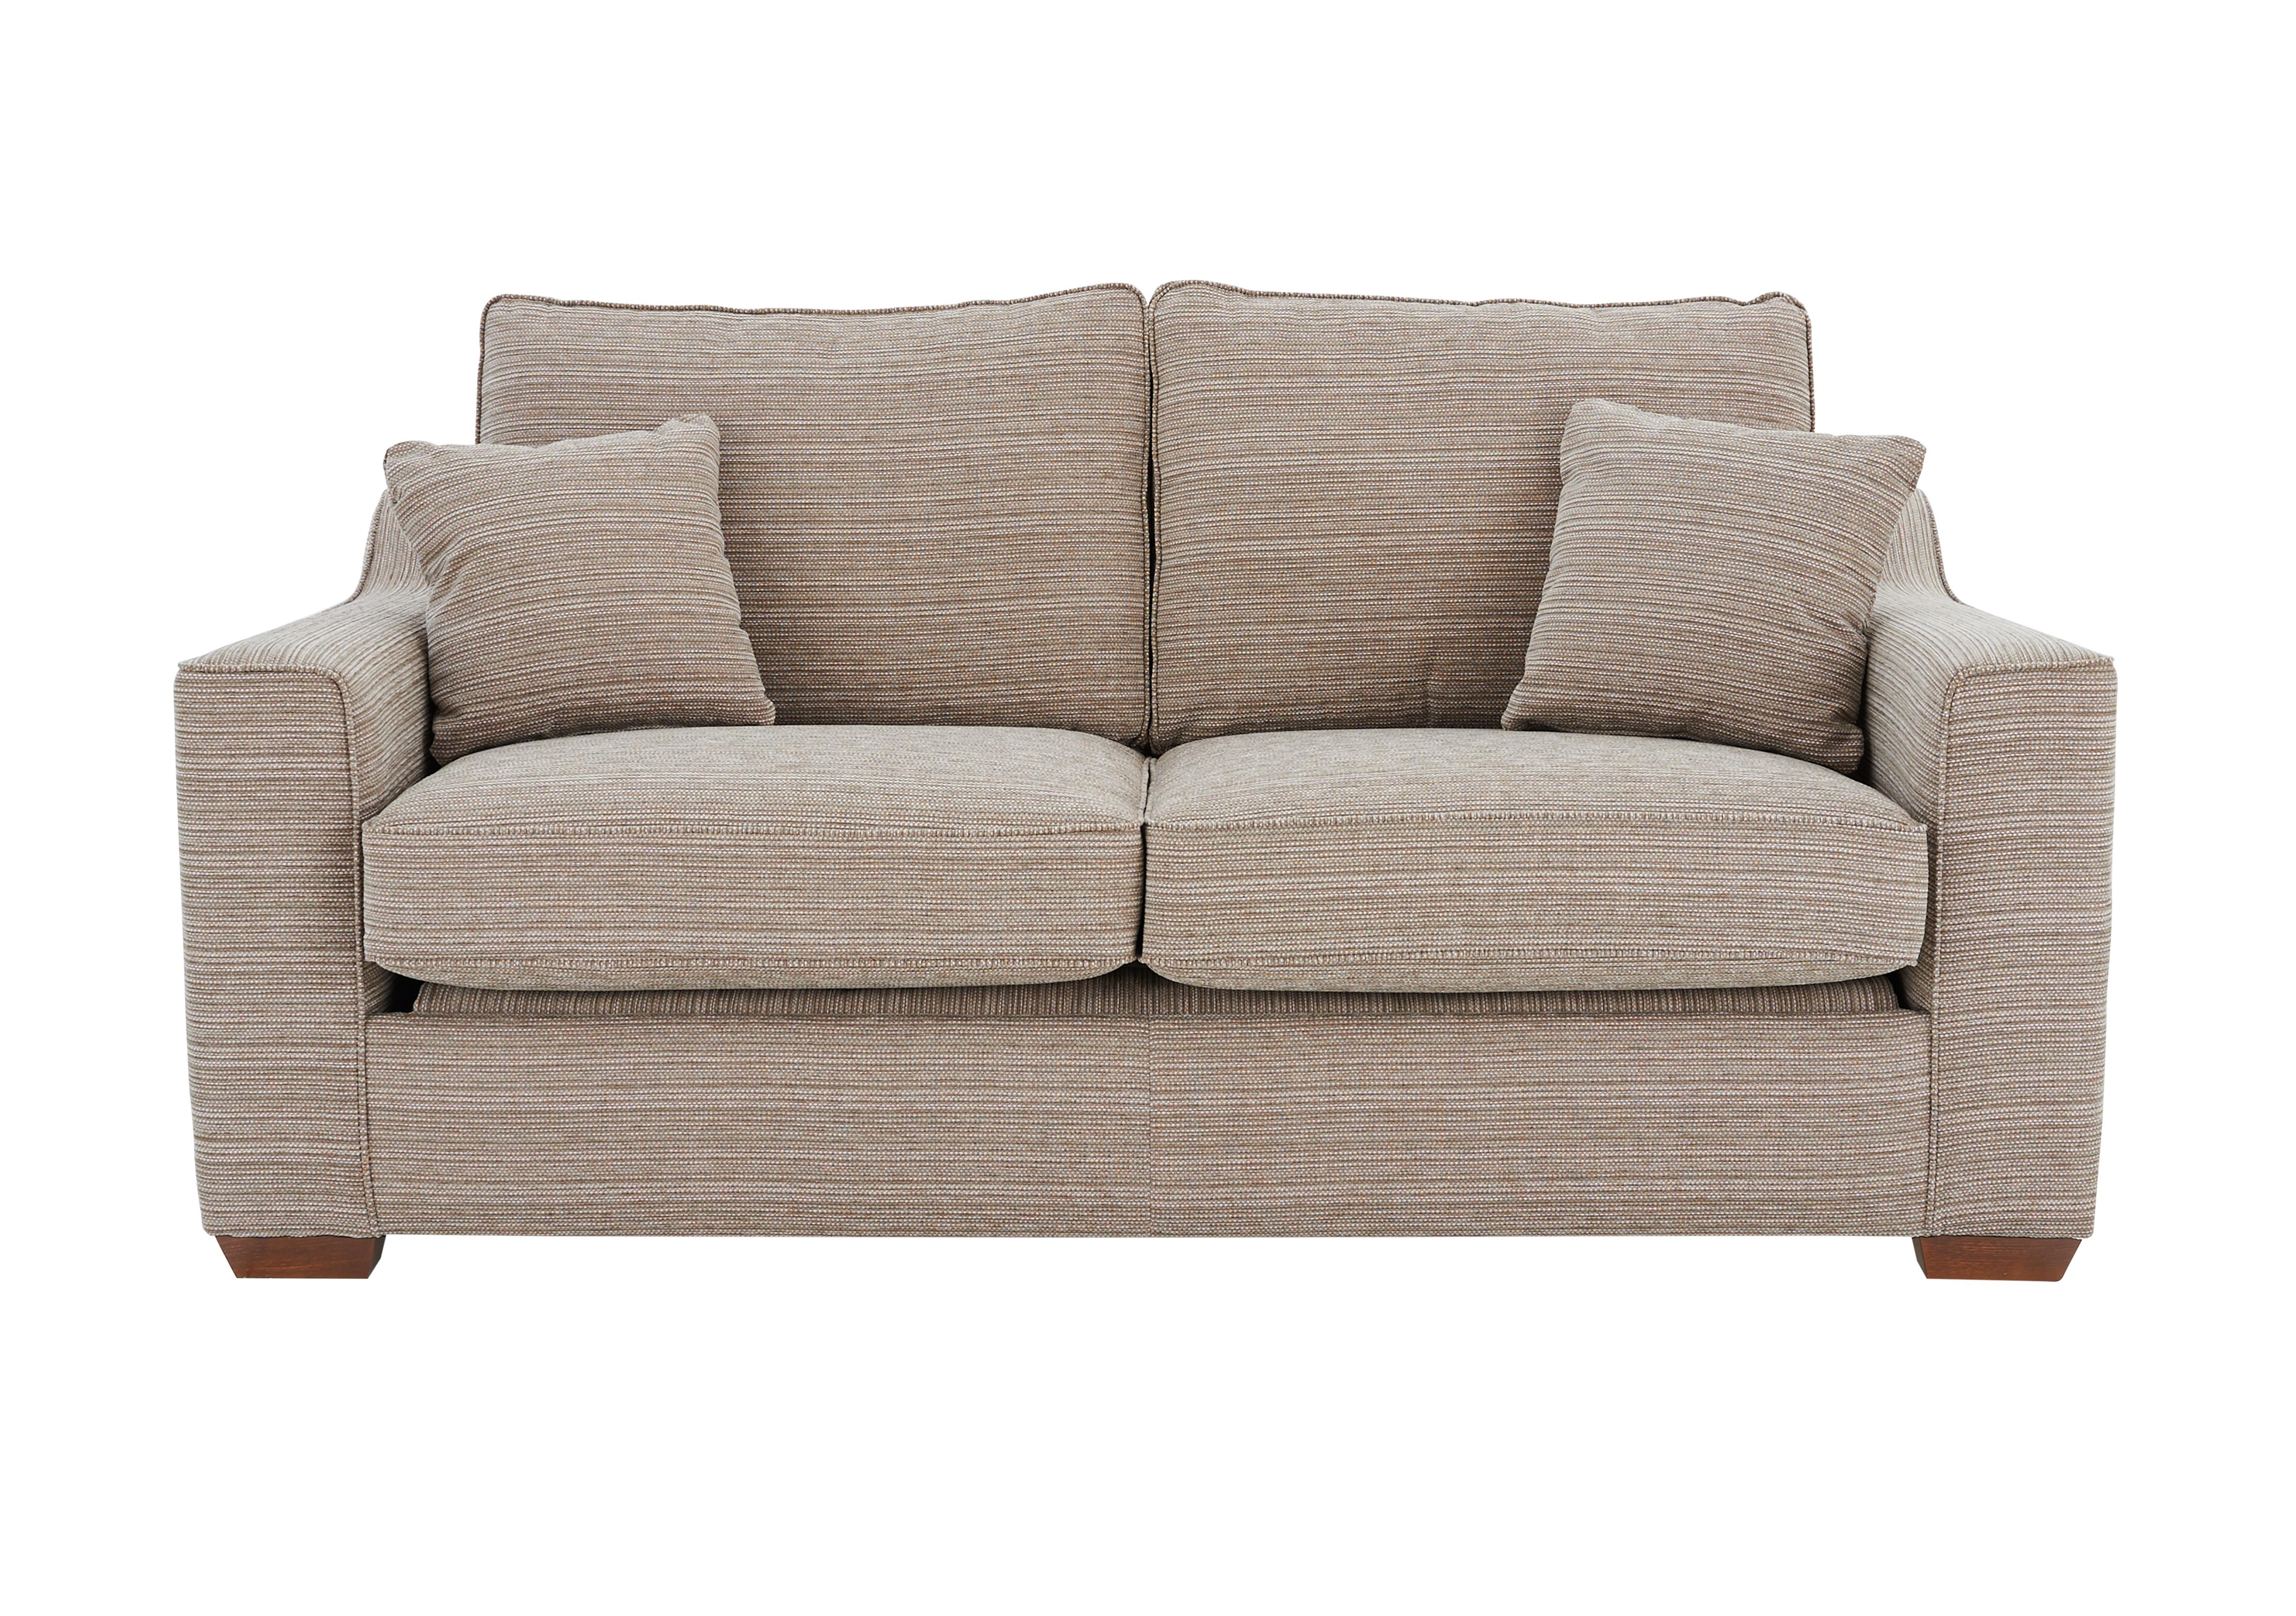 Sofa Bed Las Vegas - interior architecture and design